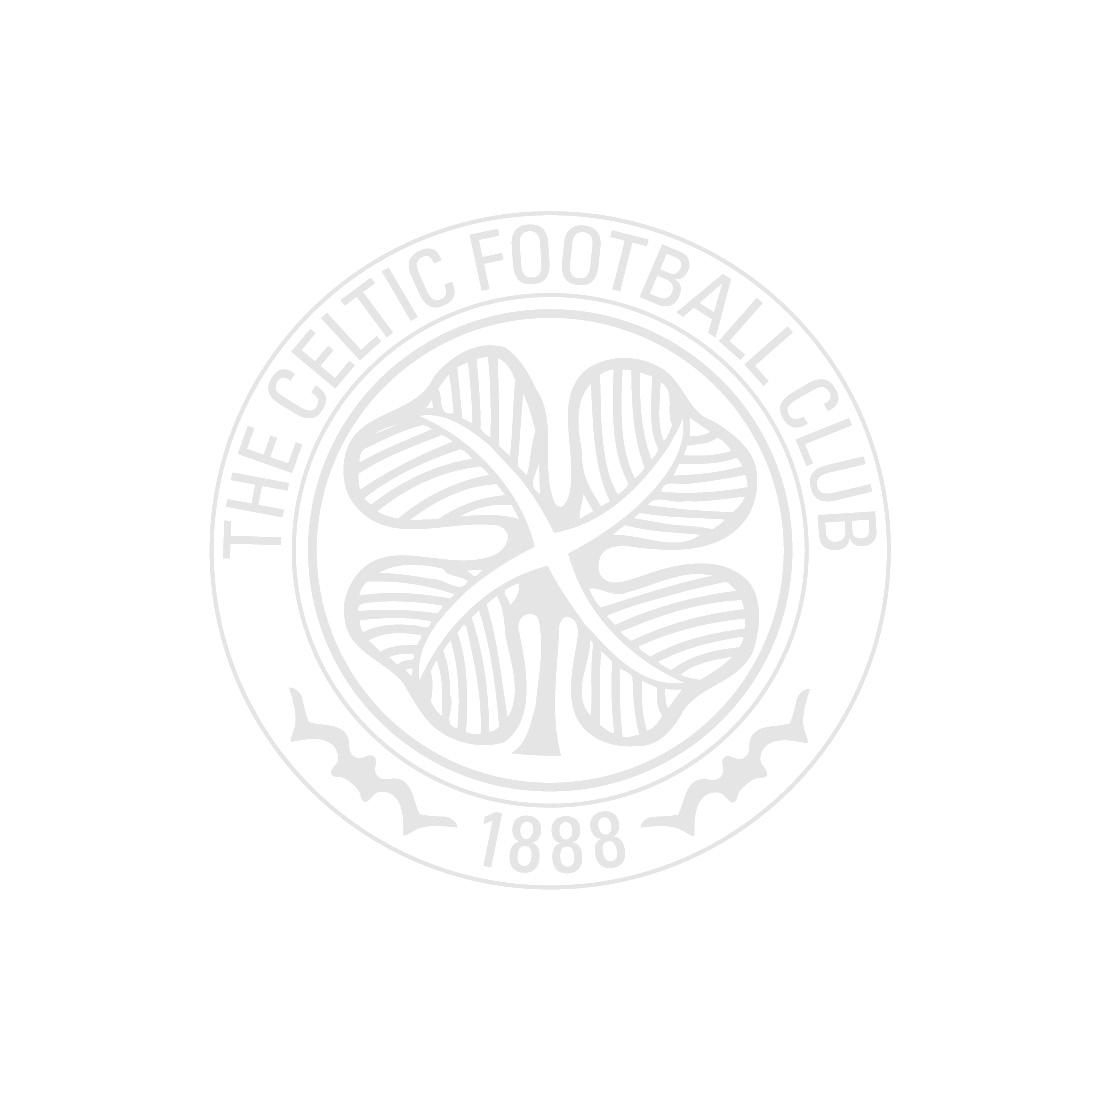 Fergus McCann Versus David Murray Book